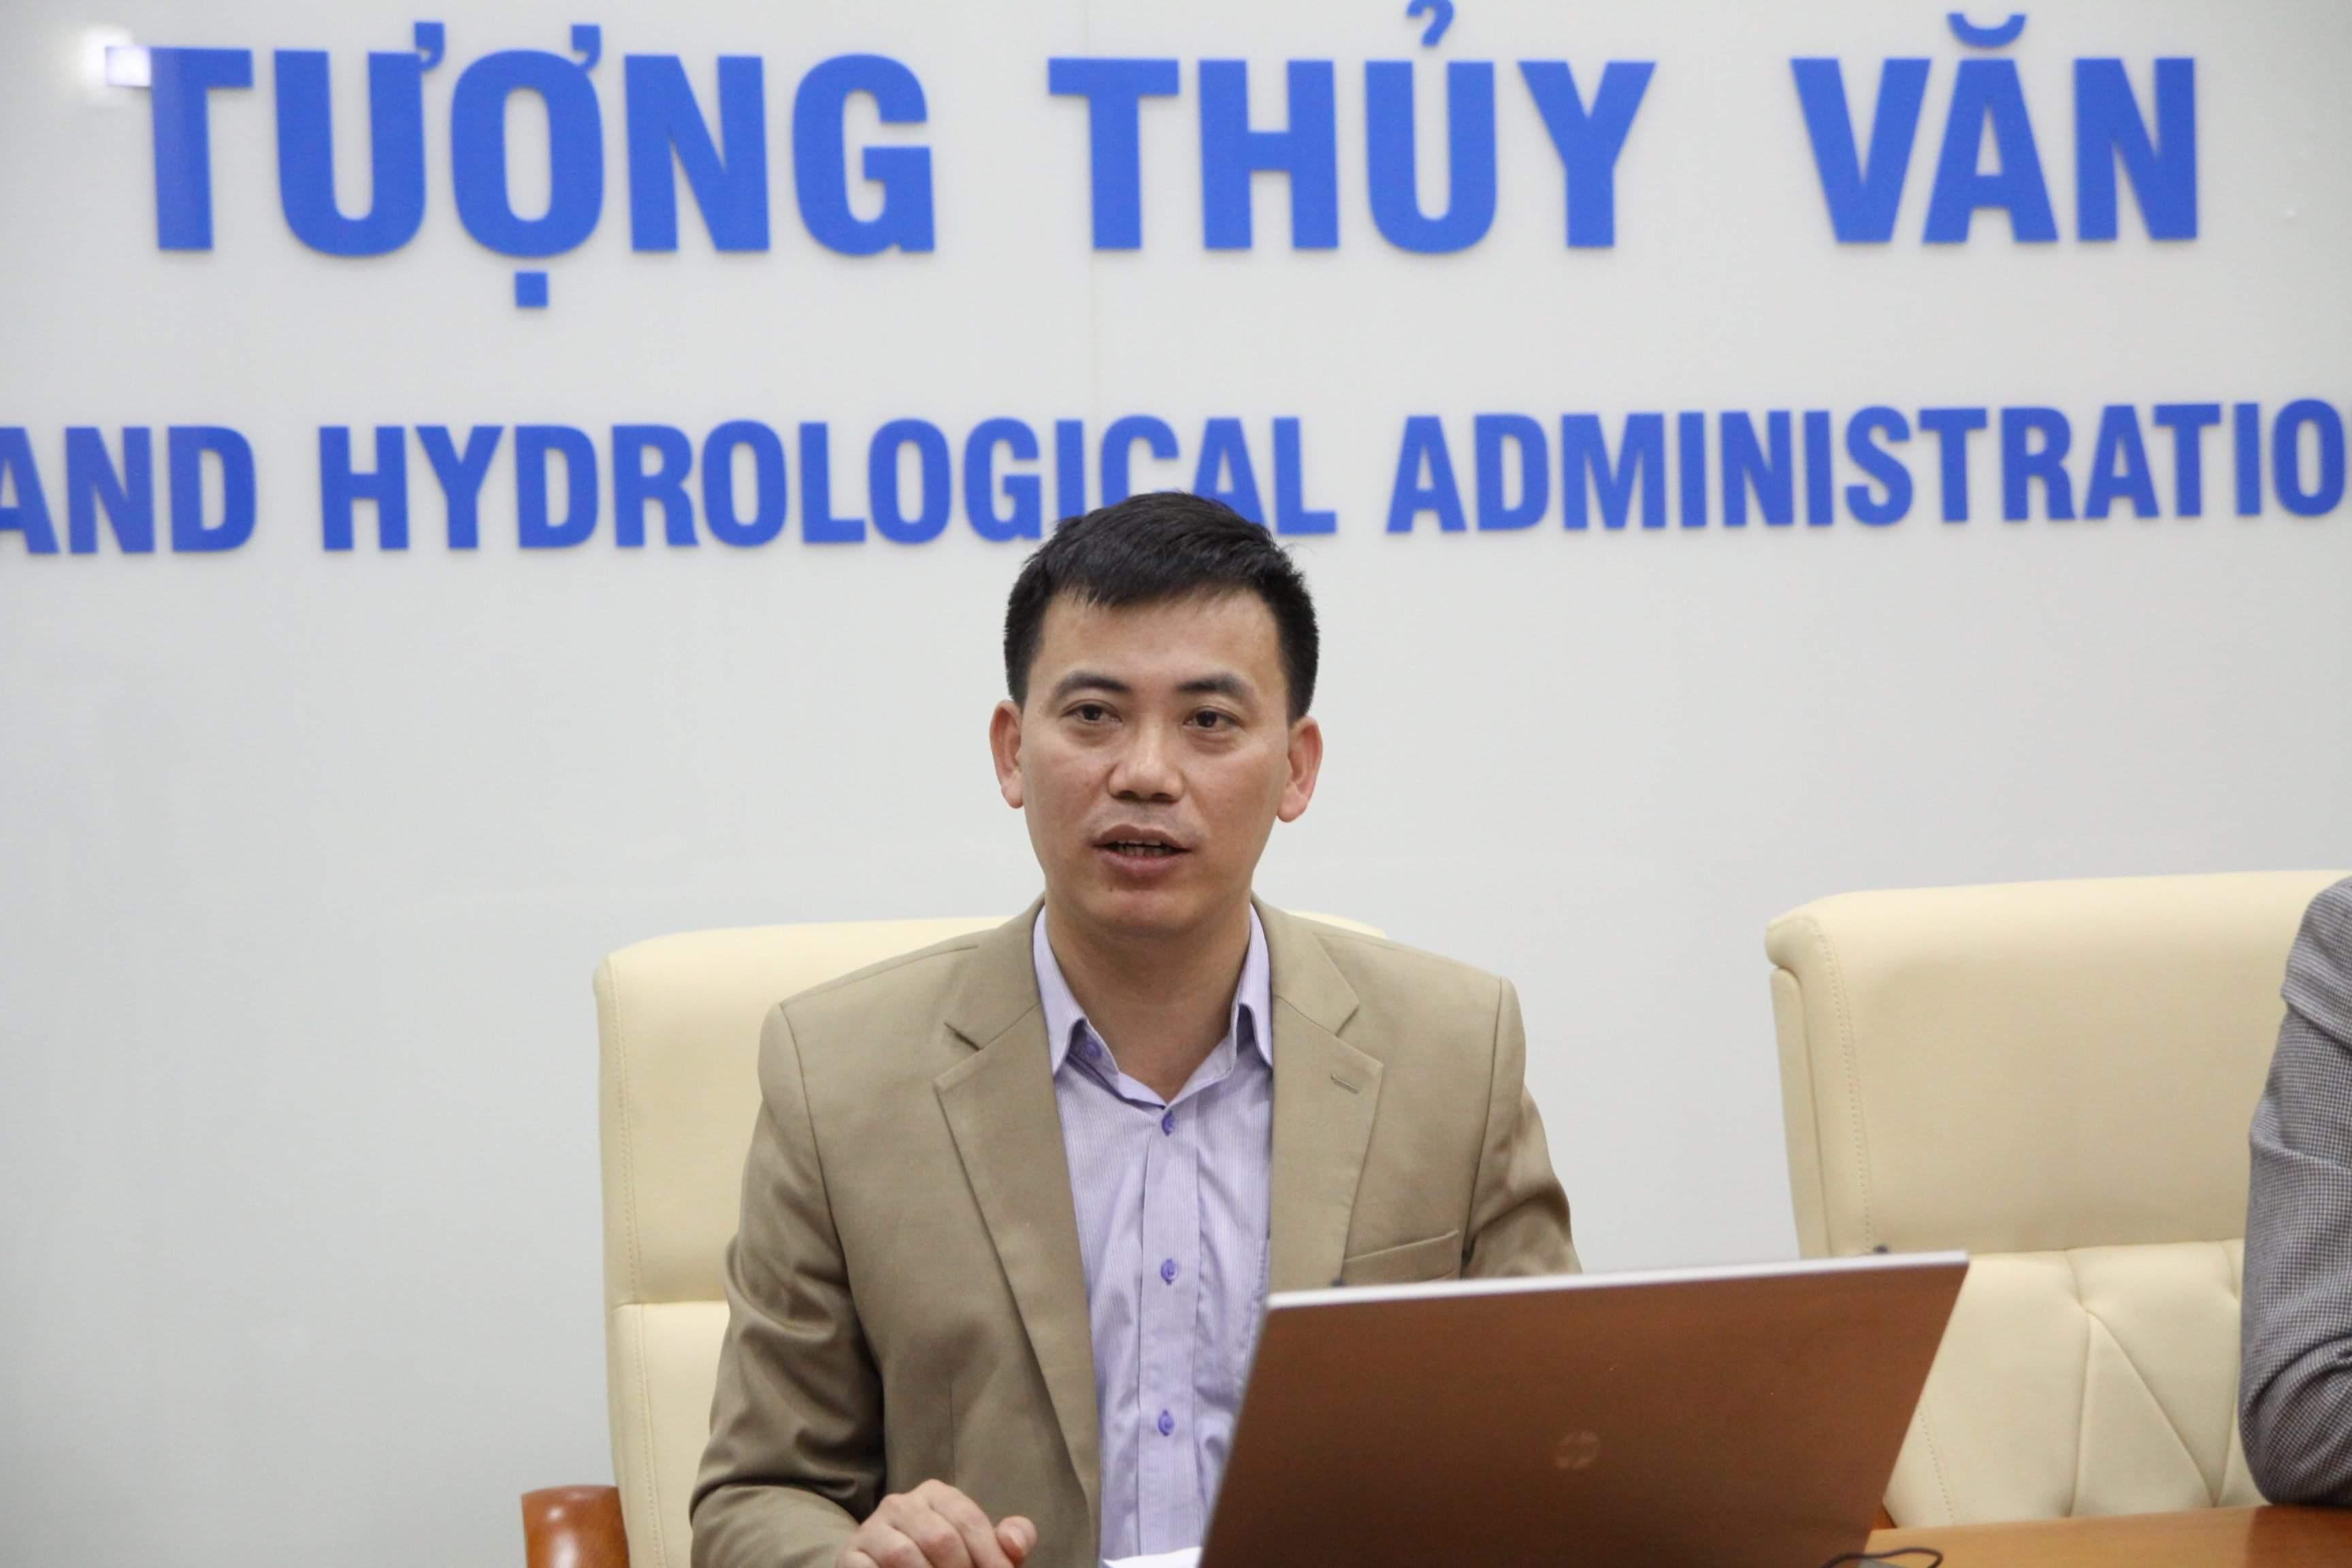 Từ nay đến cuối năm 2020, còn bao nhiêu cơn bão ảnh hưởng tới Việt Nam? - hình ảnh 2